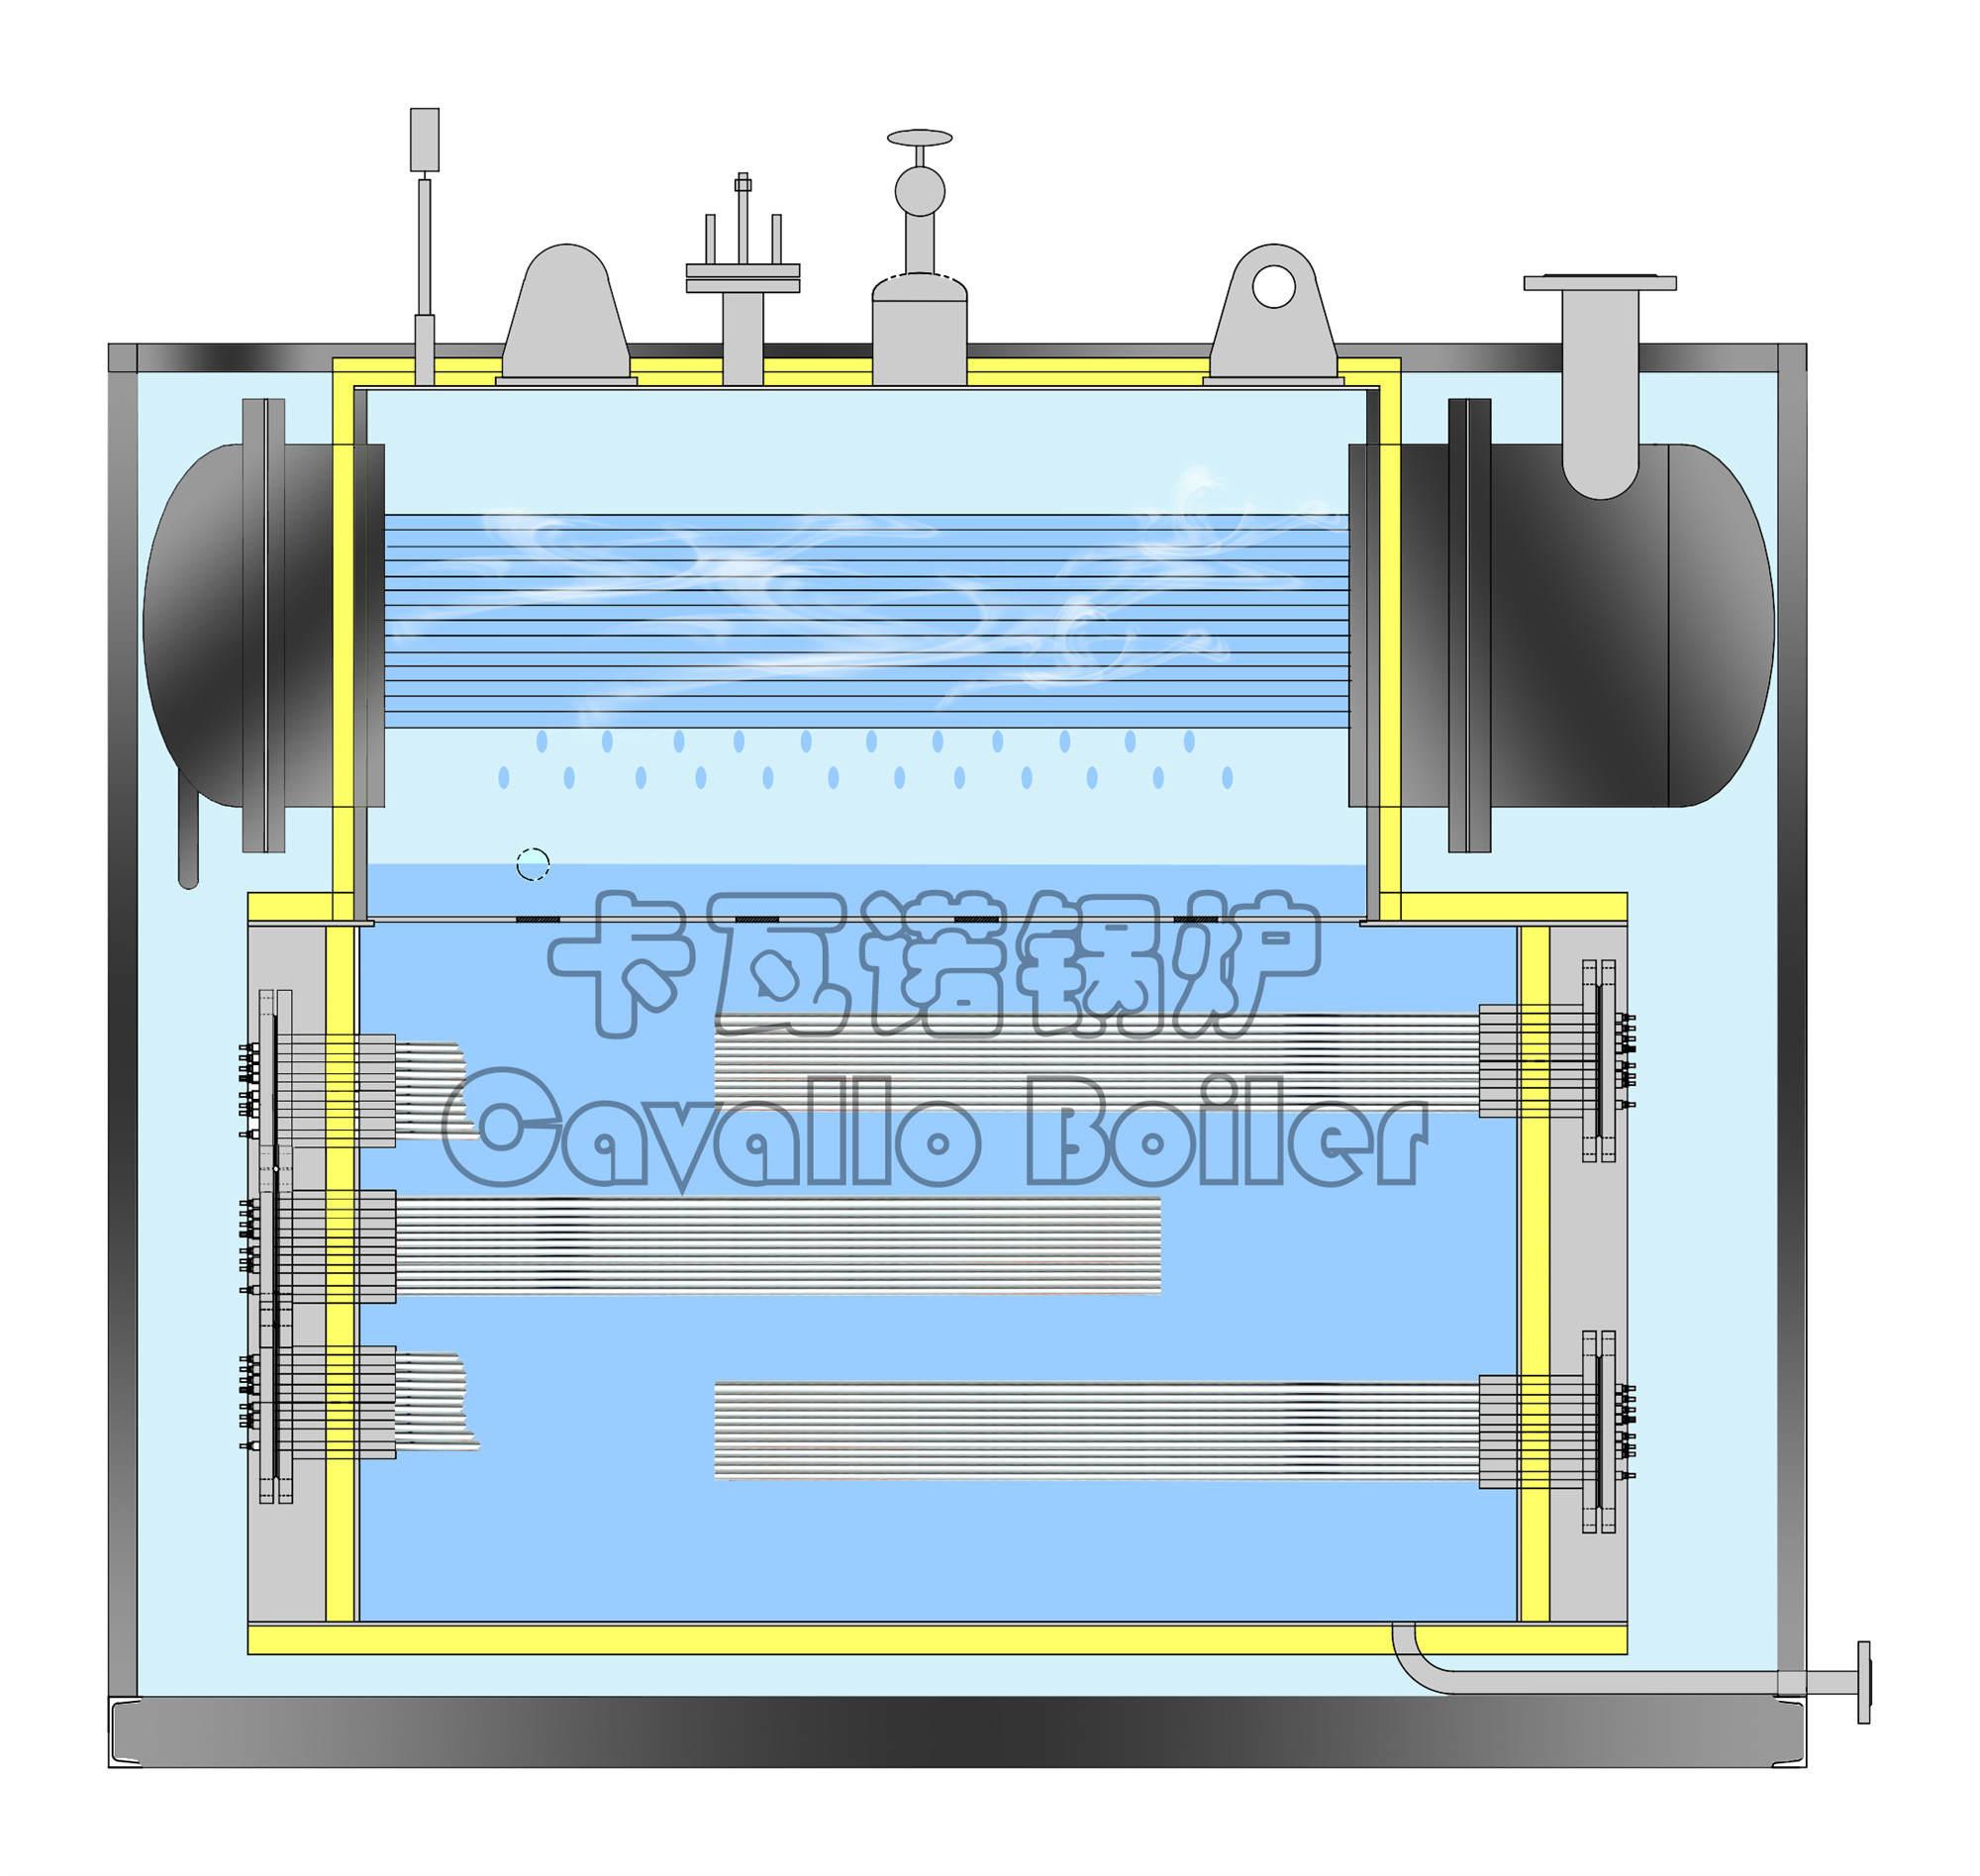 Cavallo卡瓦诺真空相变电热水机组